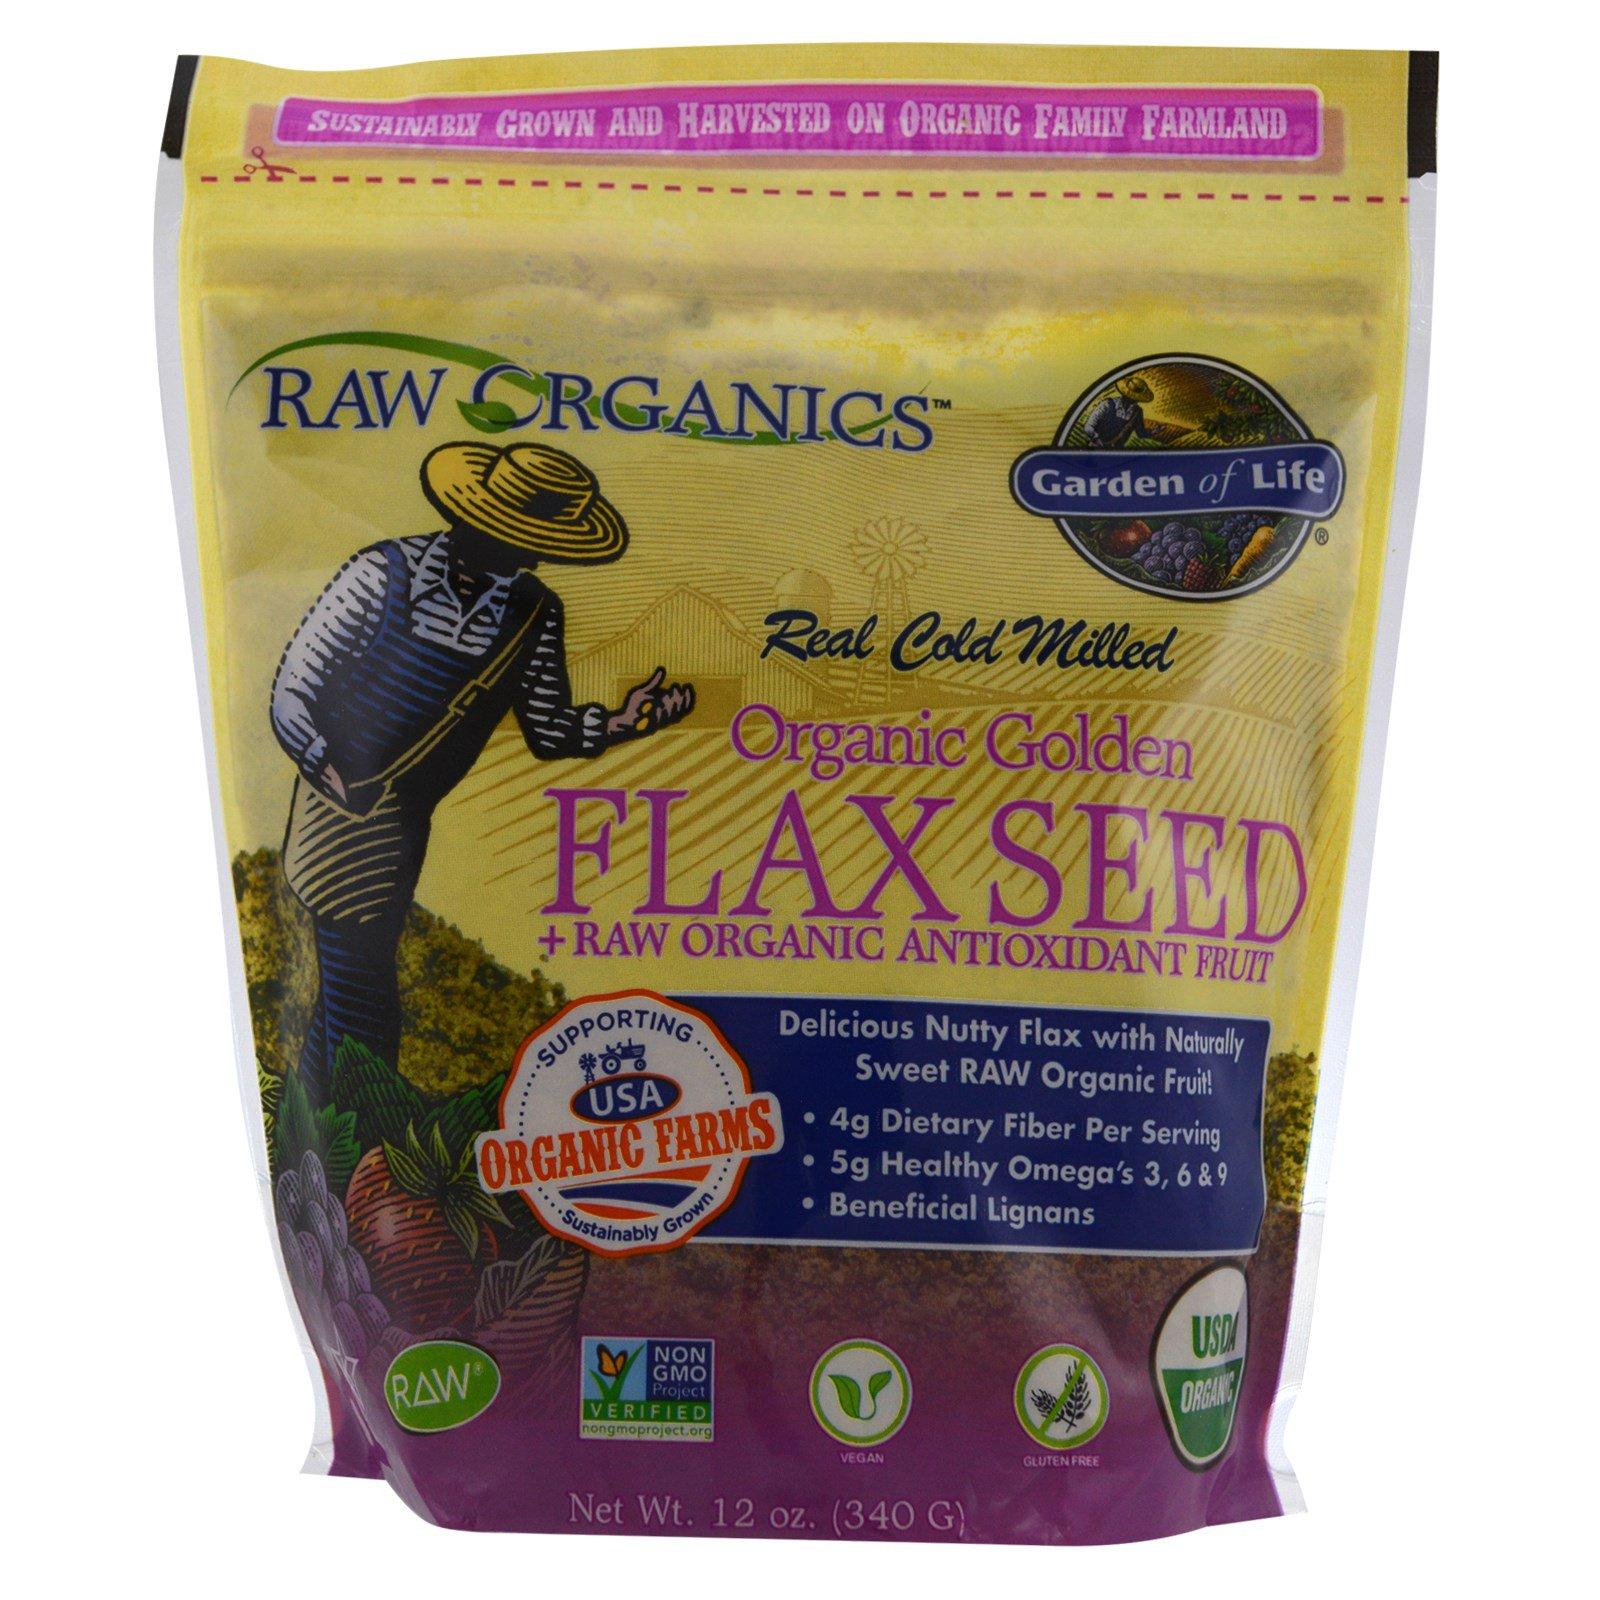 Garden of Life, Органическое золото, льняные семена + сырые органические антиоксидантные фрукты, 340 г (12 унций)